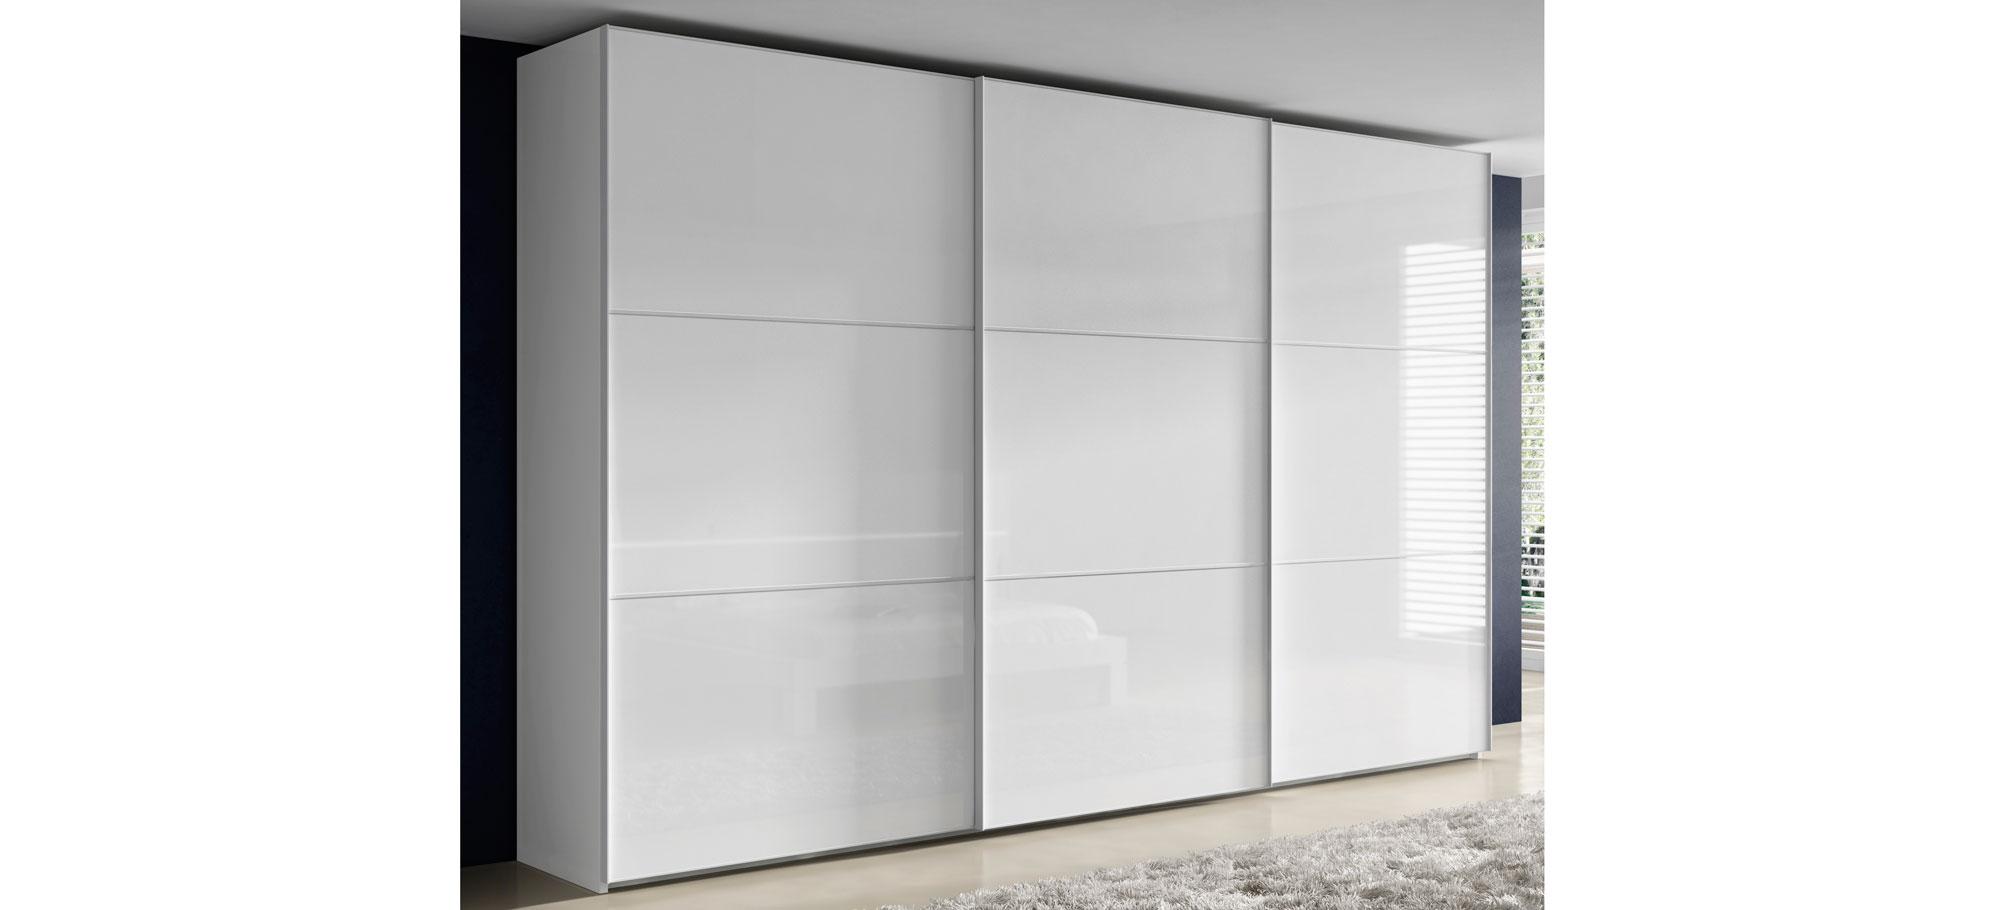 Armario blanco moderno kolmar en cosas de arquitectoscosas for Armarios empotrados modernos